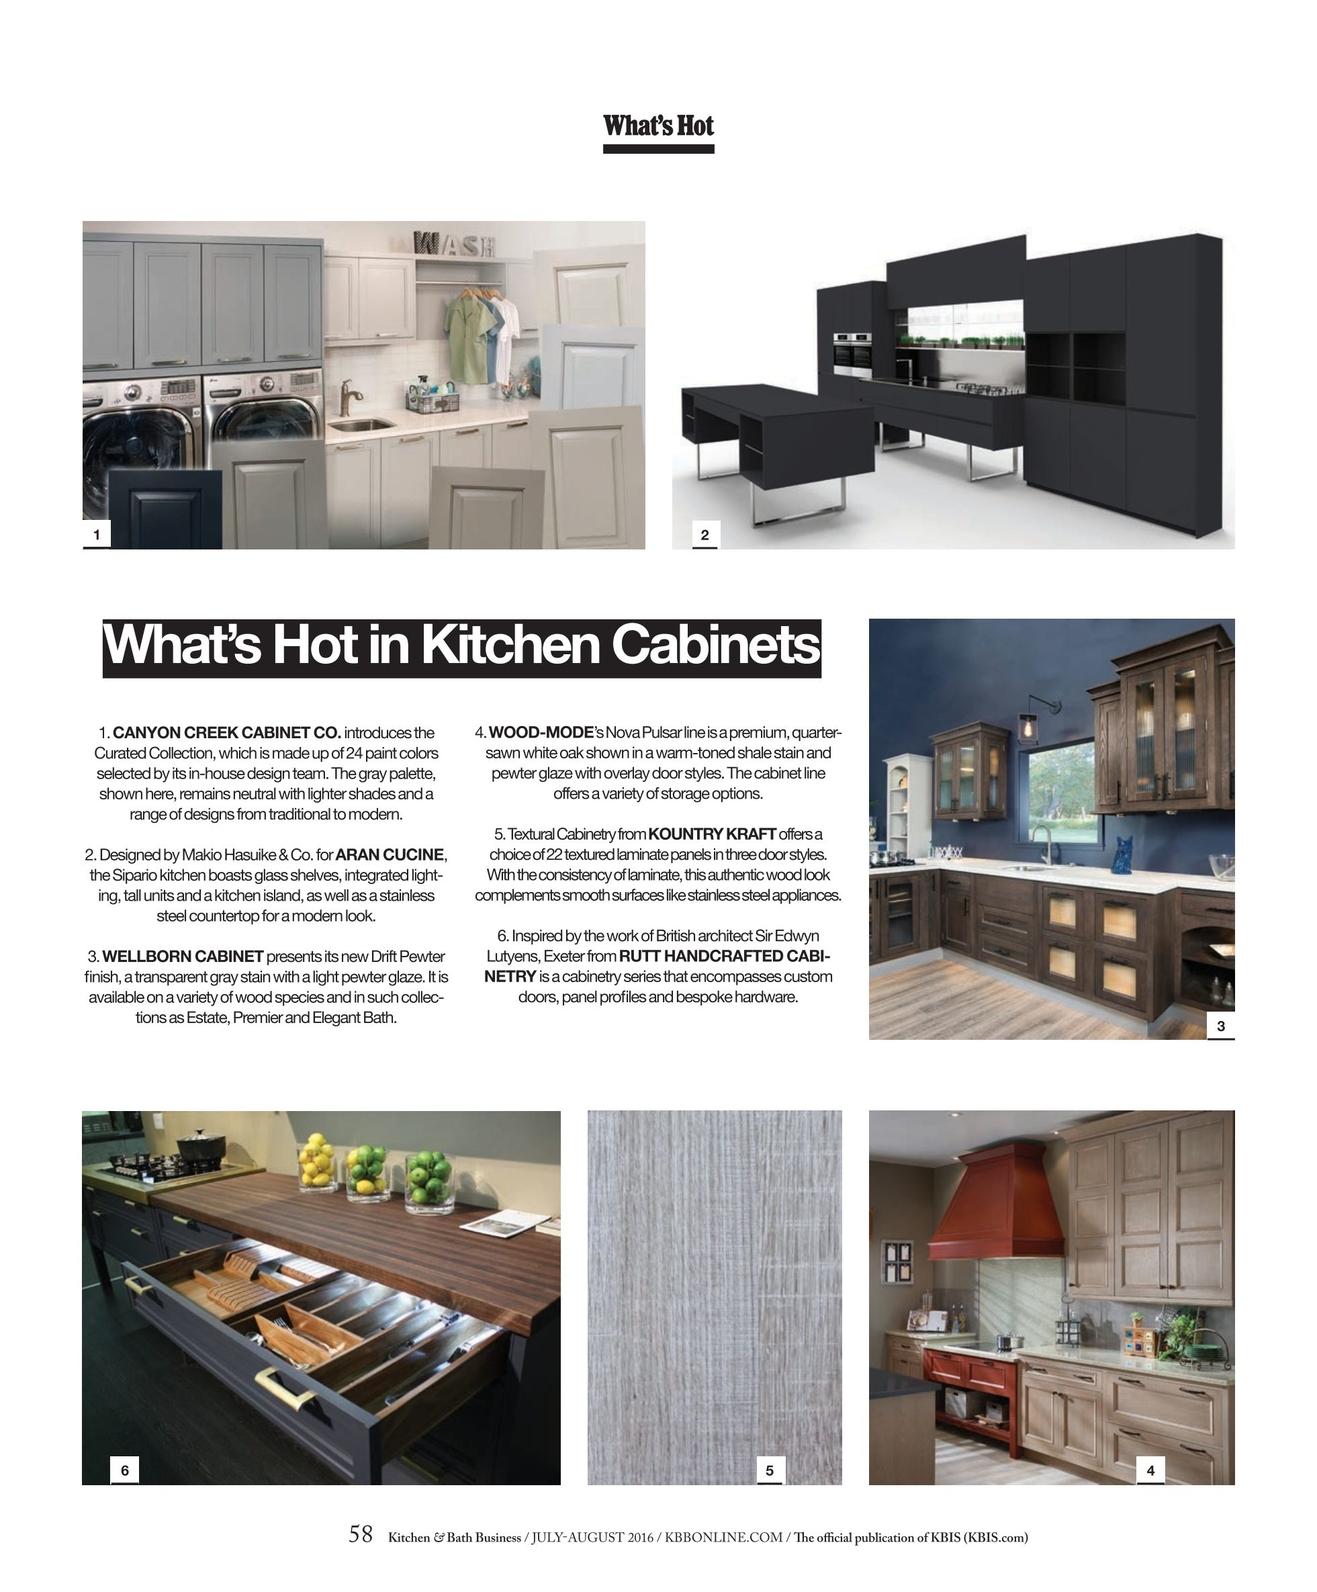 Kitchen & Bath Business - July/August 2016